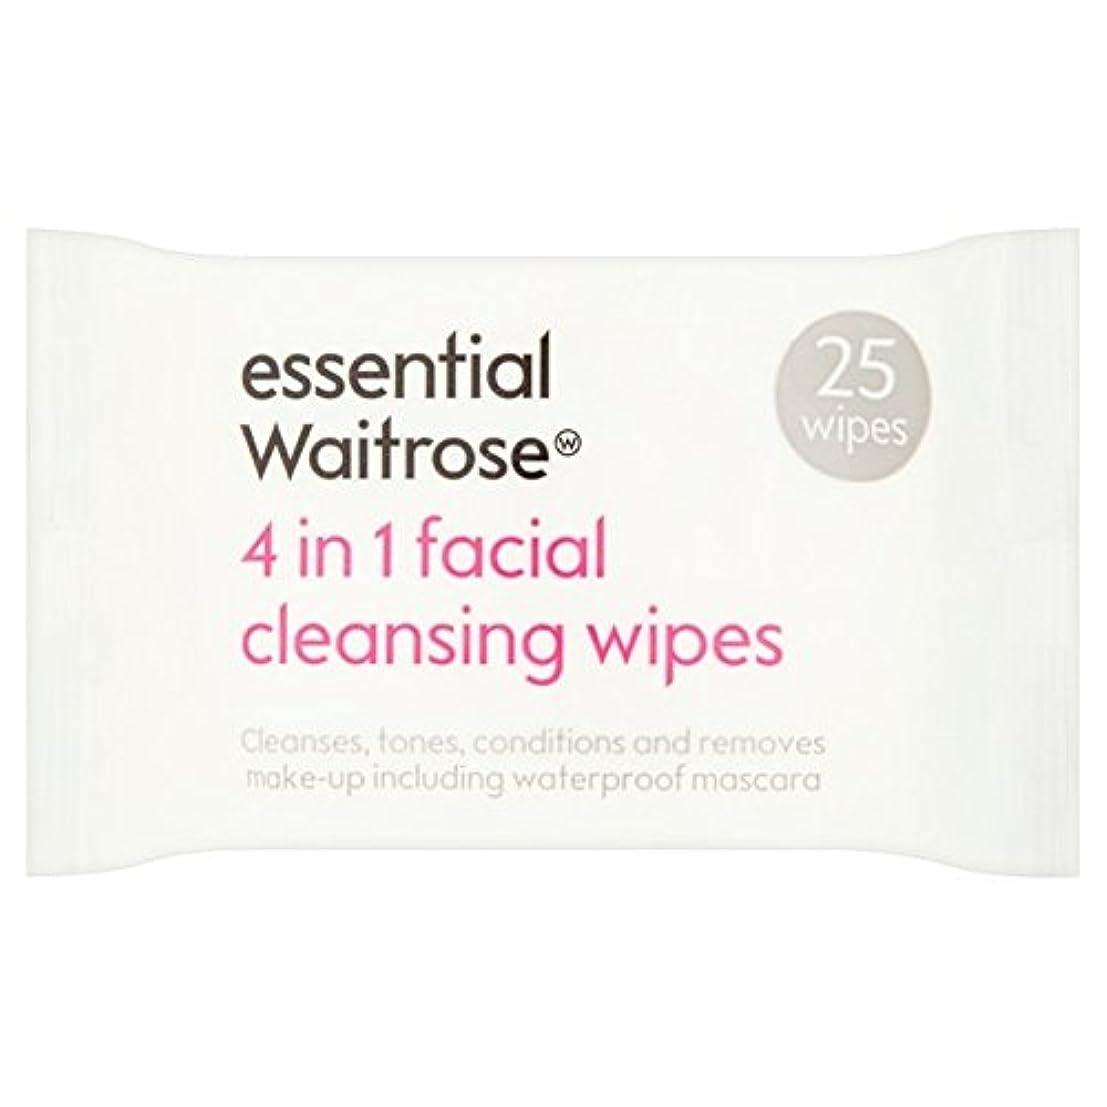 厚さハンマー銀行3 in 1 Facial Wipes essential Waitrose 25 per pack - 3 1での顔のワイプパックあたり不可欠ウェイトローズ25 [並行輸入品]